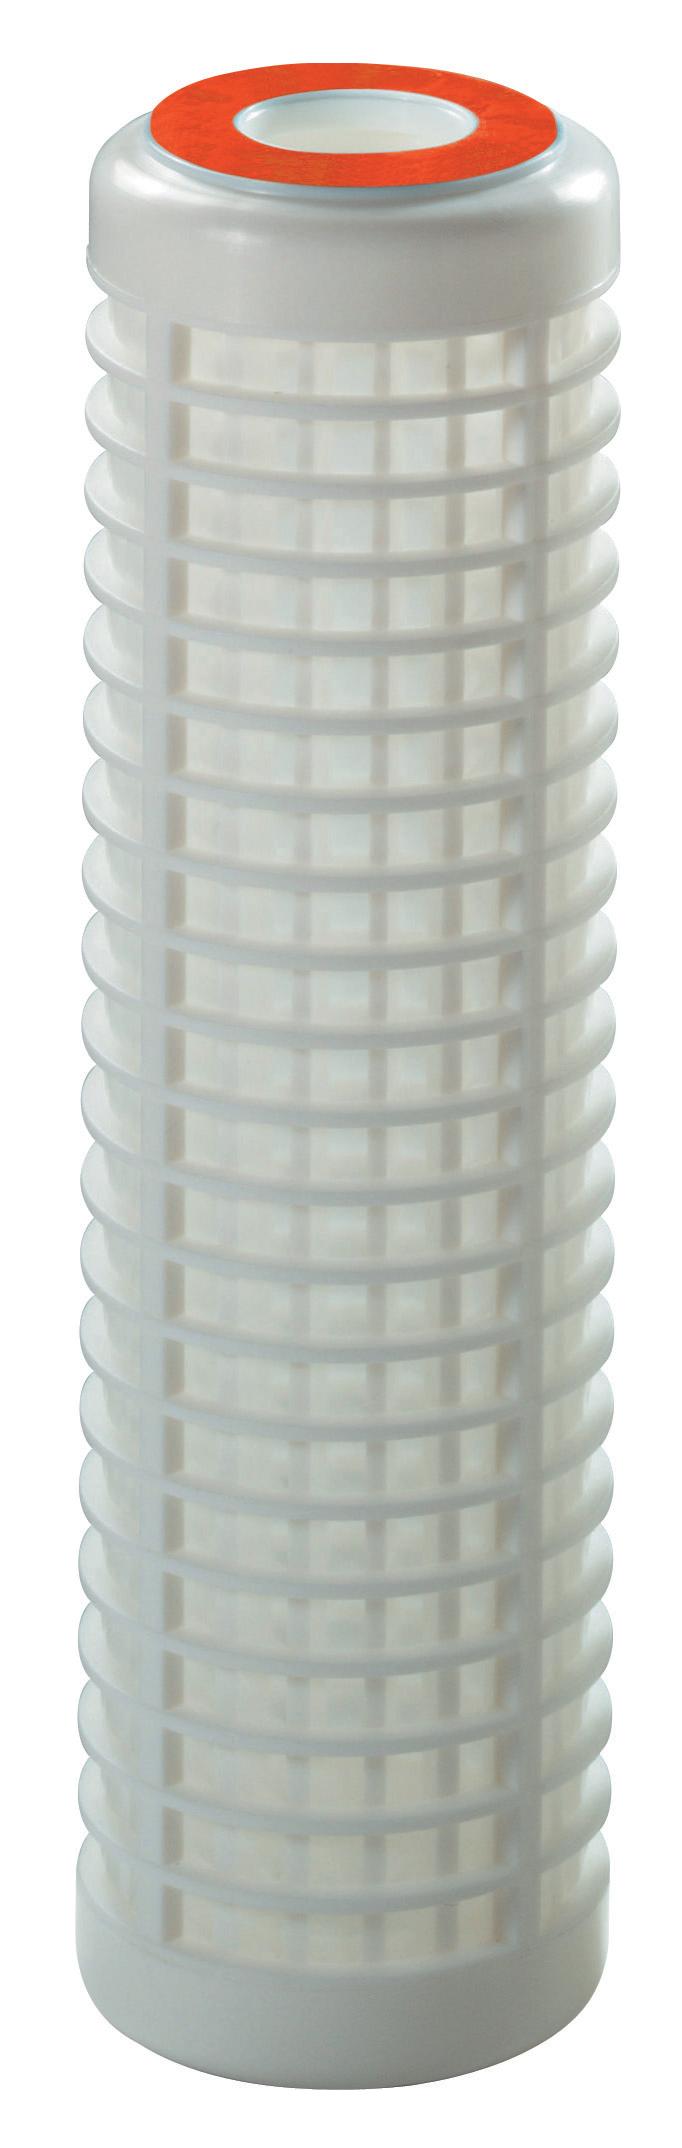 Картридж RL 10 SX 50